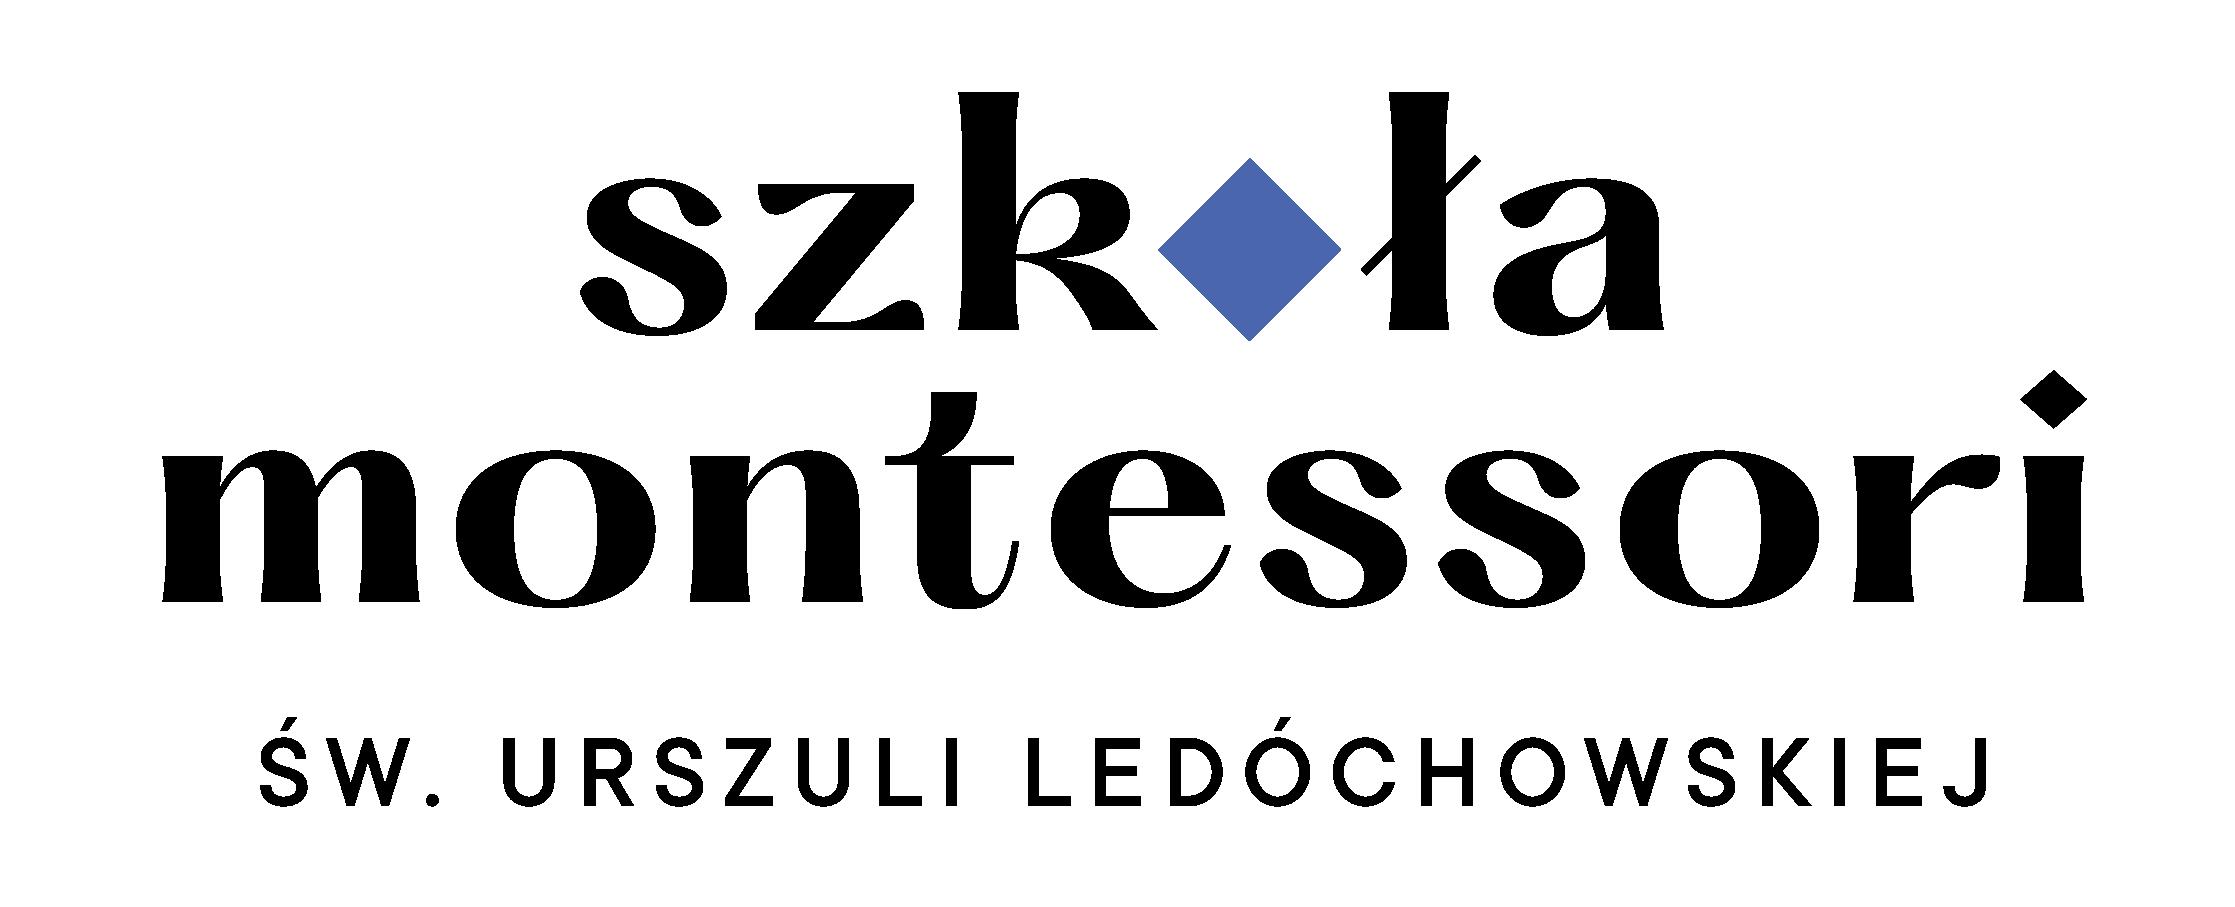 szkola-montessori_logo-01